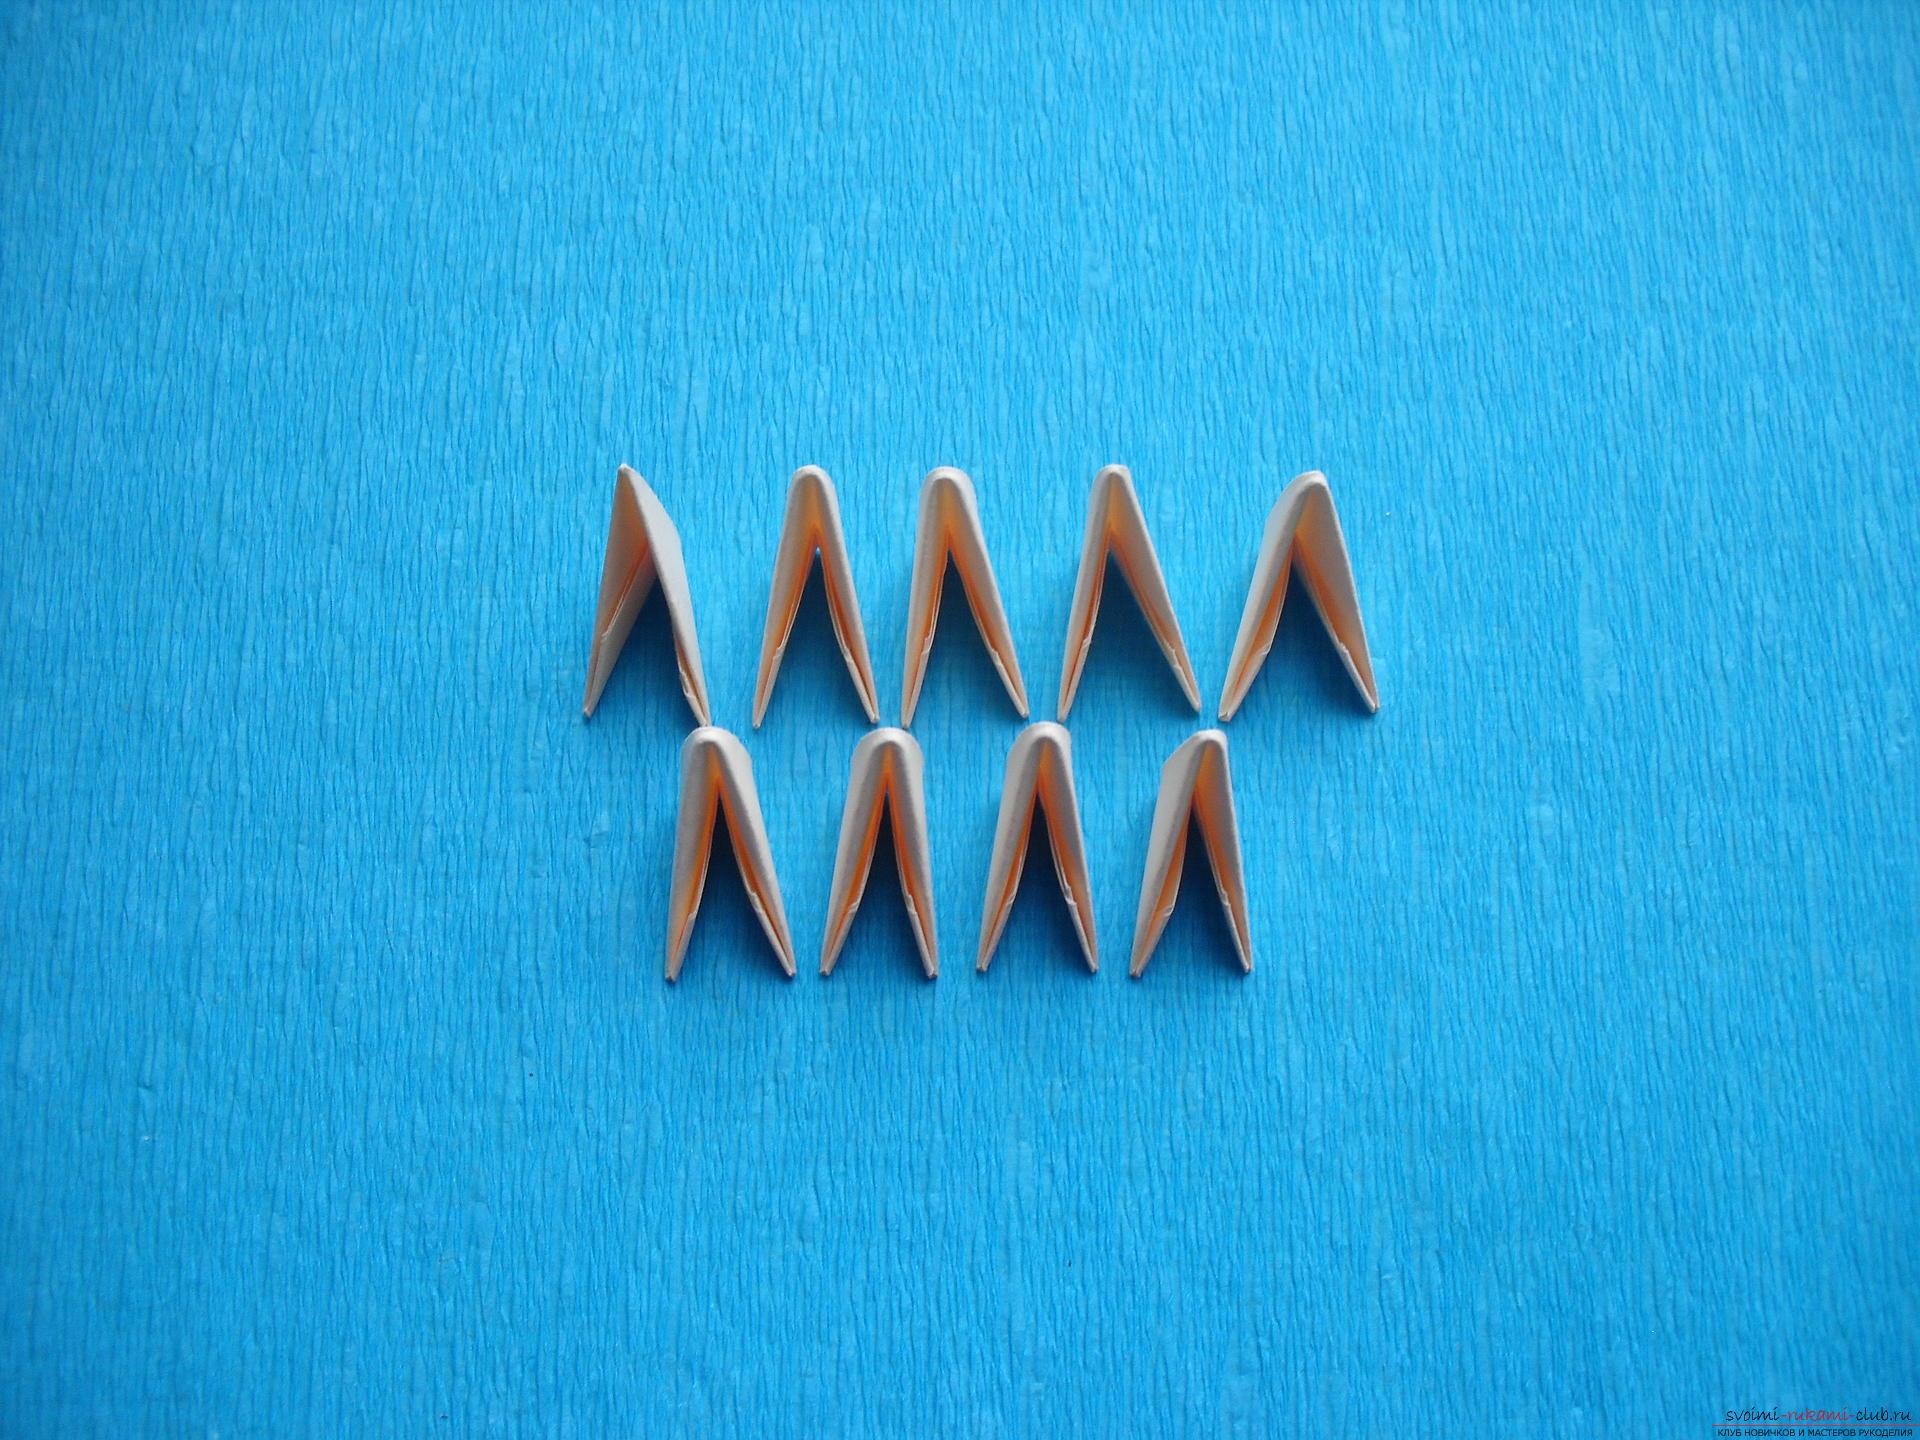 Этот мастер-класс расскажет как сделать поделку из модульных оригами - лягушку.. Фото №6